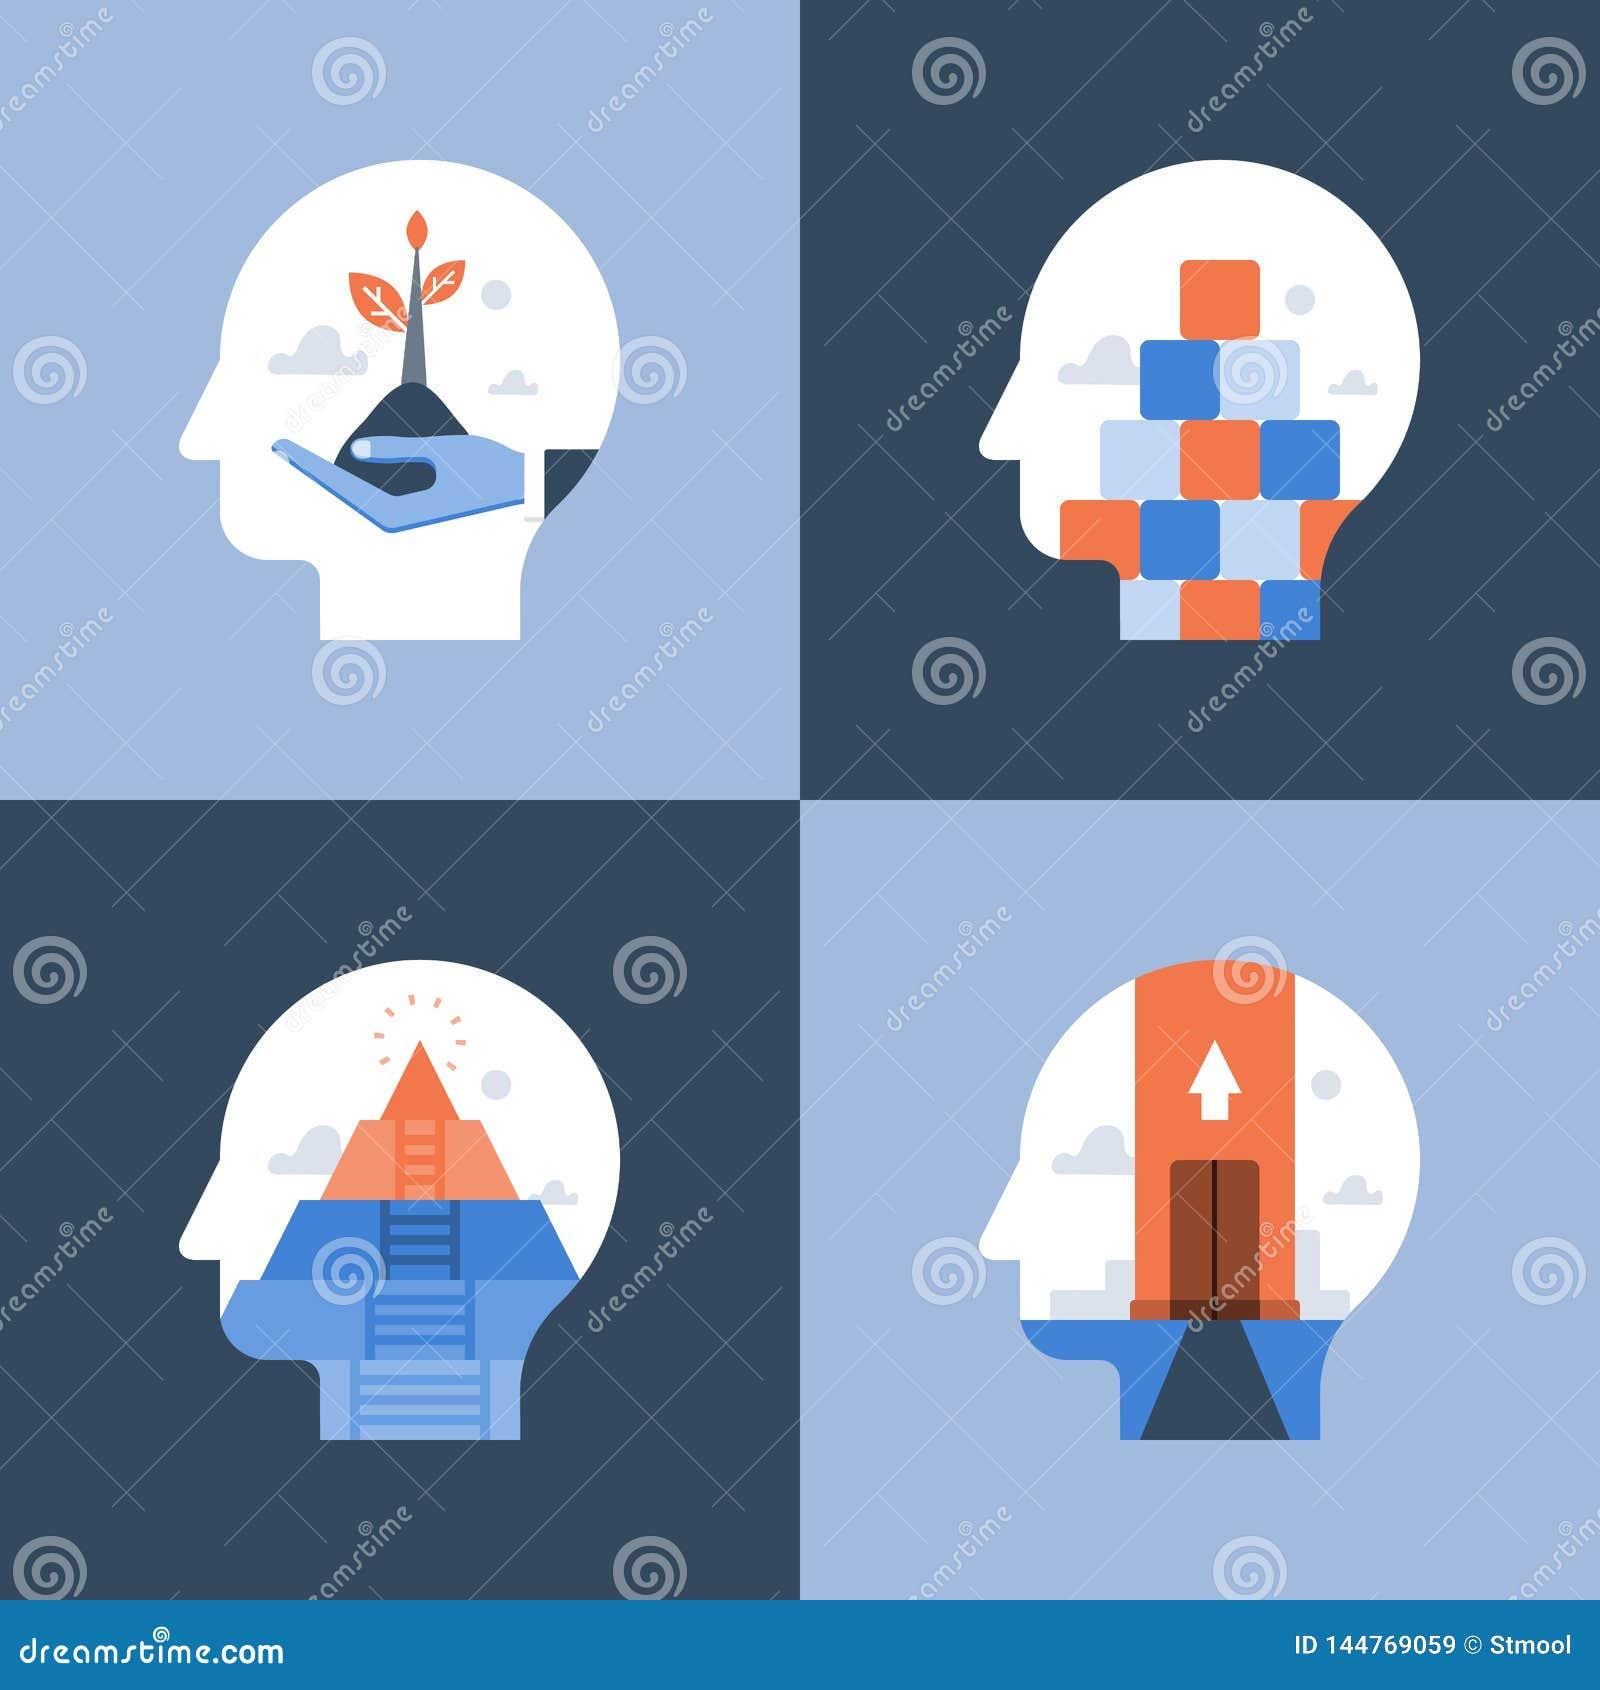 Mögliche Entwicklung, Wachstumsdenkrichtung, kritisches oder positives Denken, Psychologie oder Psychiatrie